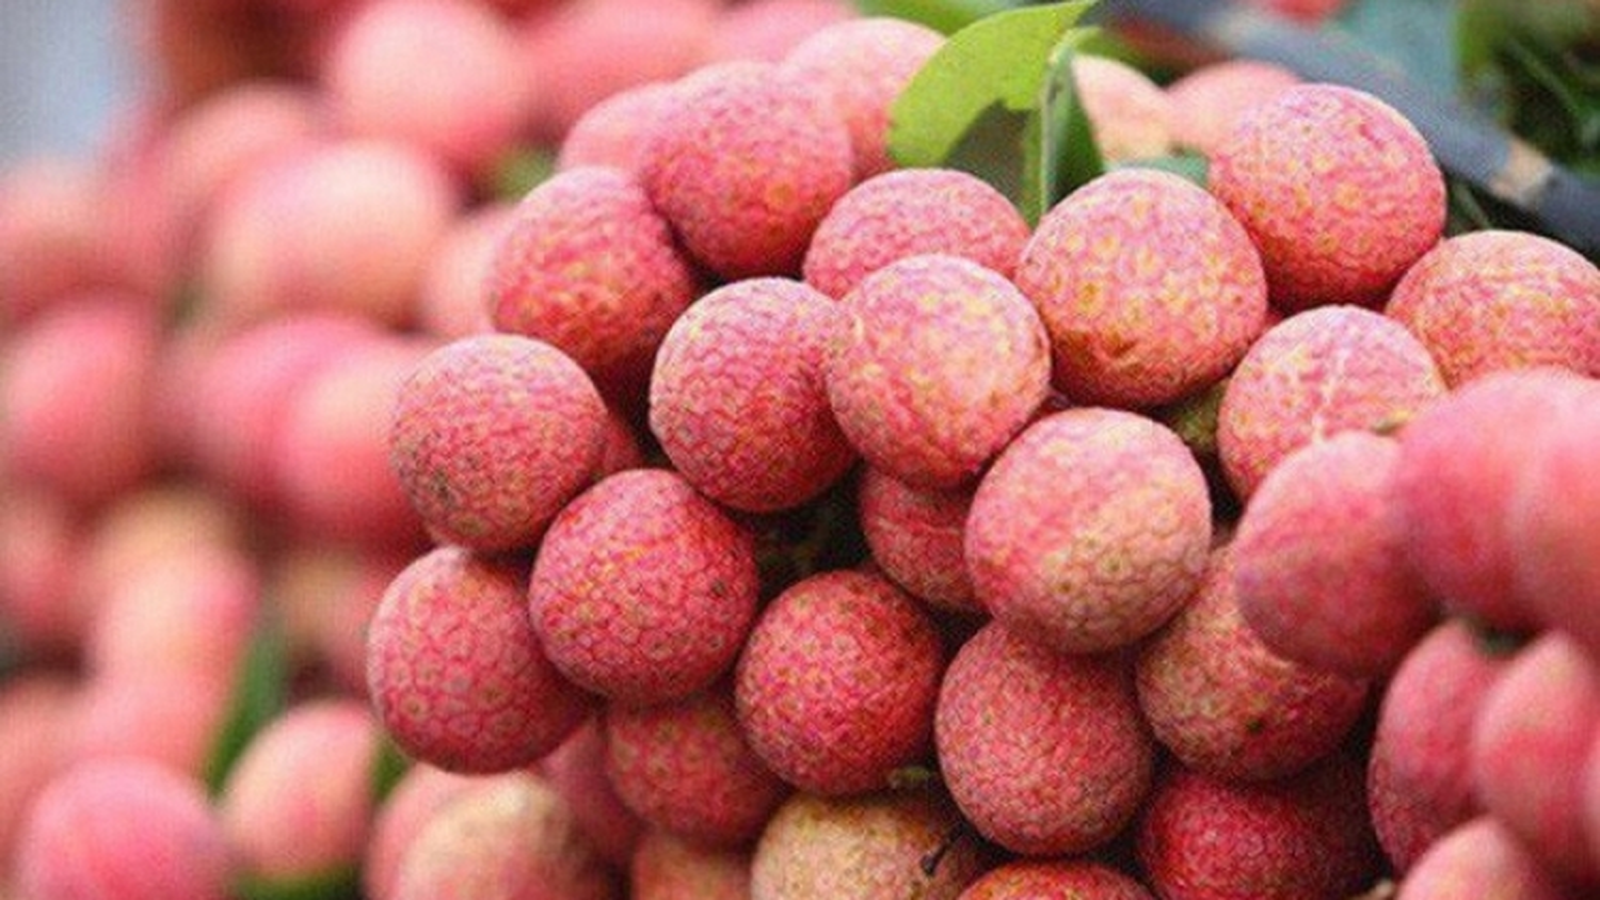 Tổng cục Quản lý thị trường cam kết hỗ trợ tiêu thụ 3.000 tấn vải thiều Bắc Giang